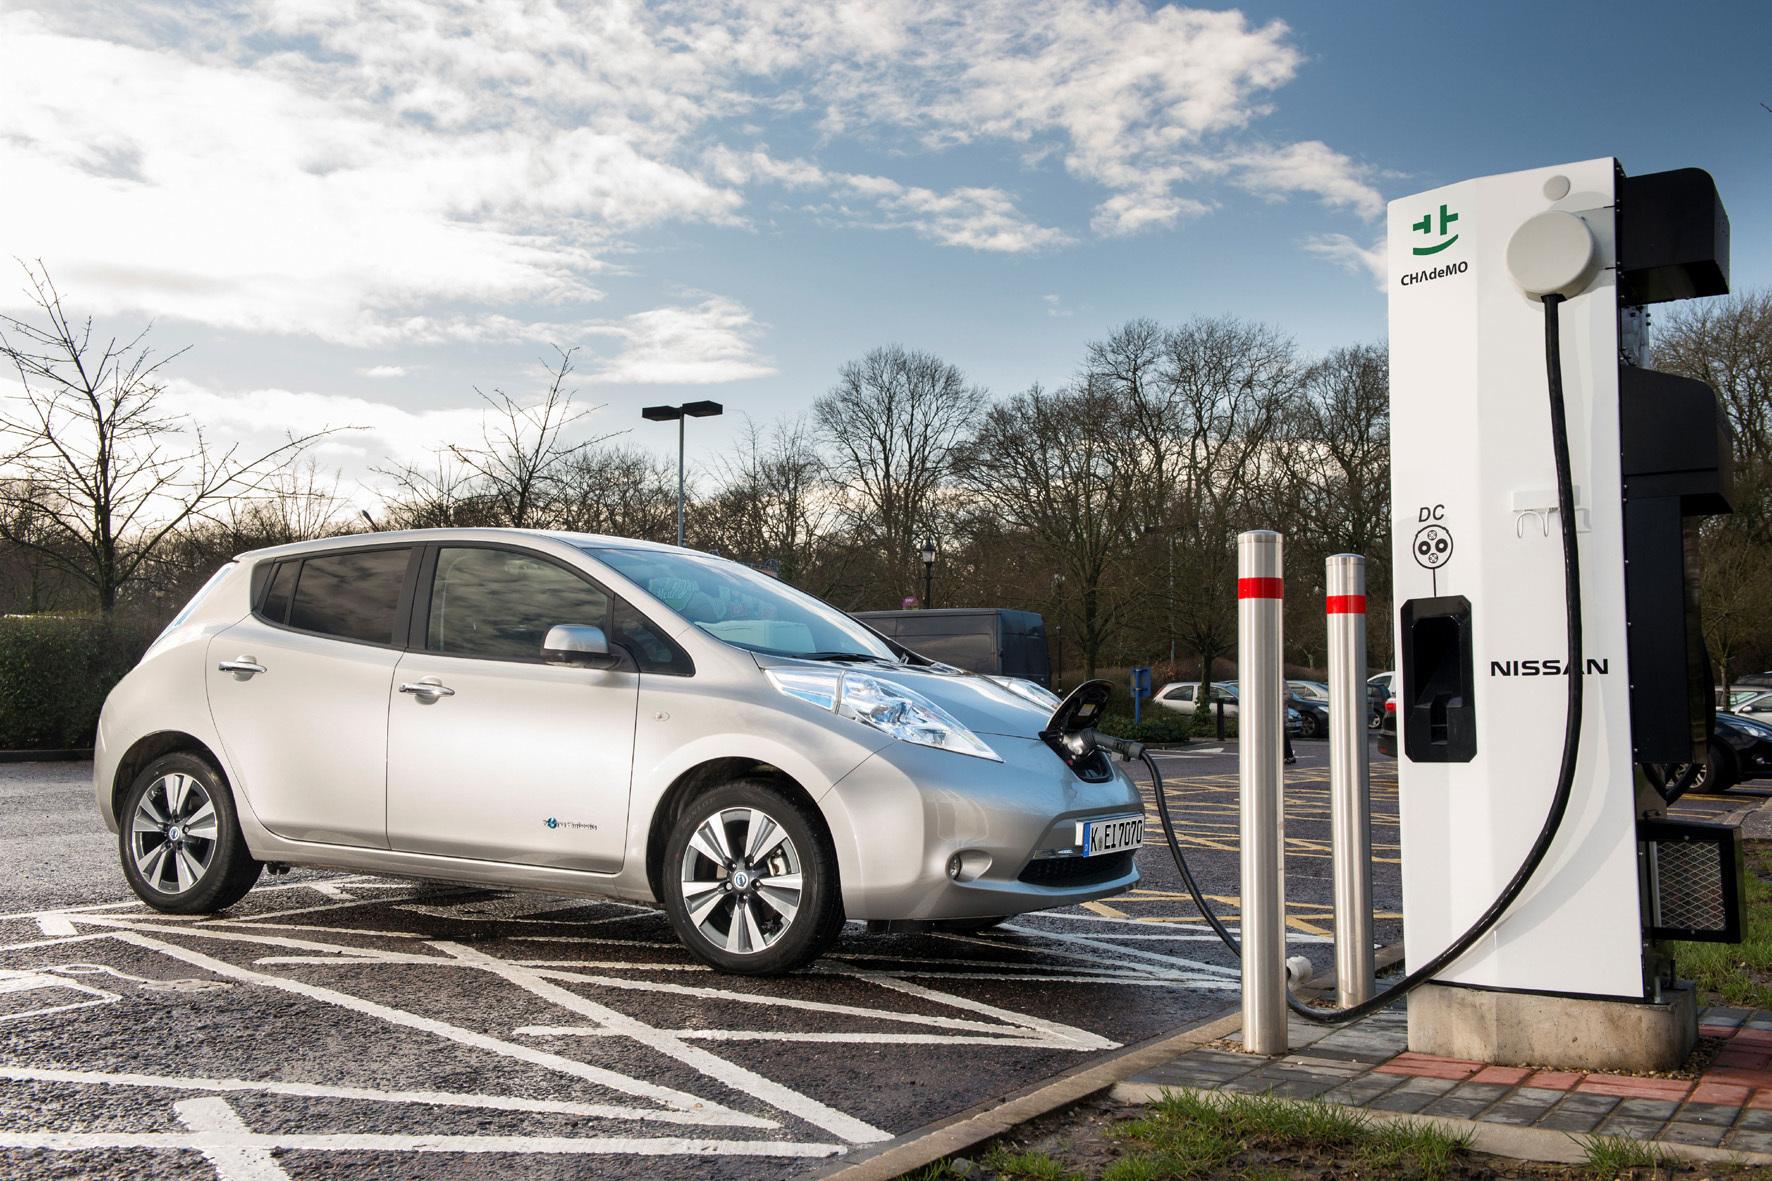 mid Groß-Gerau - Mit einer Aufstockung der E-Auto-Kaufprämie um 1.000 Euro will Nissan jetzt mehr Kunden für das Elektroauto Leaf begeistern.